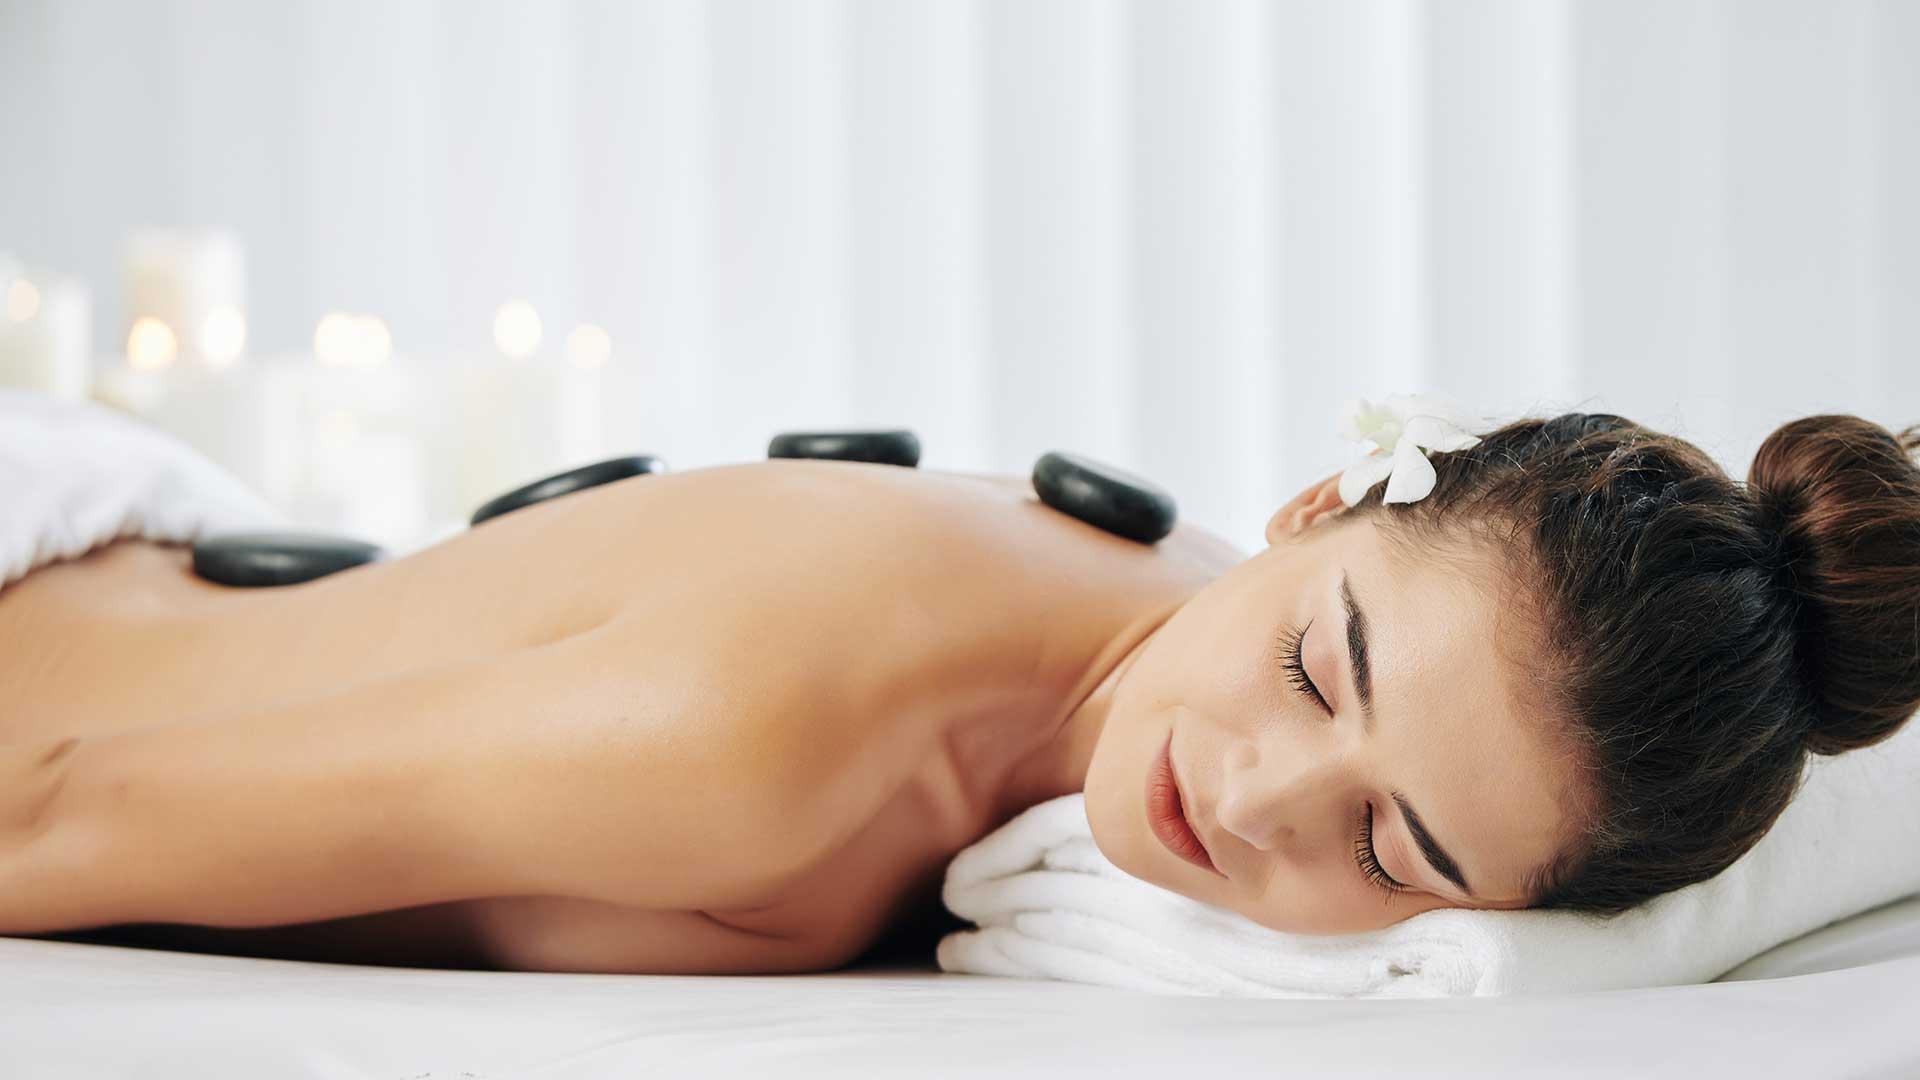 Frau liegt entspannt bei einer Hot & Cold Stone Massage auf der Liege